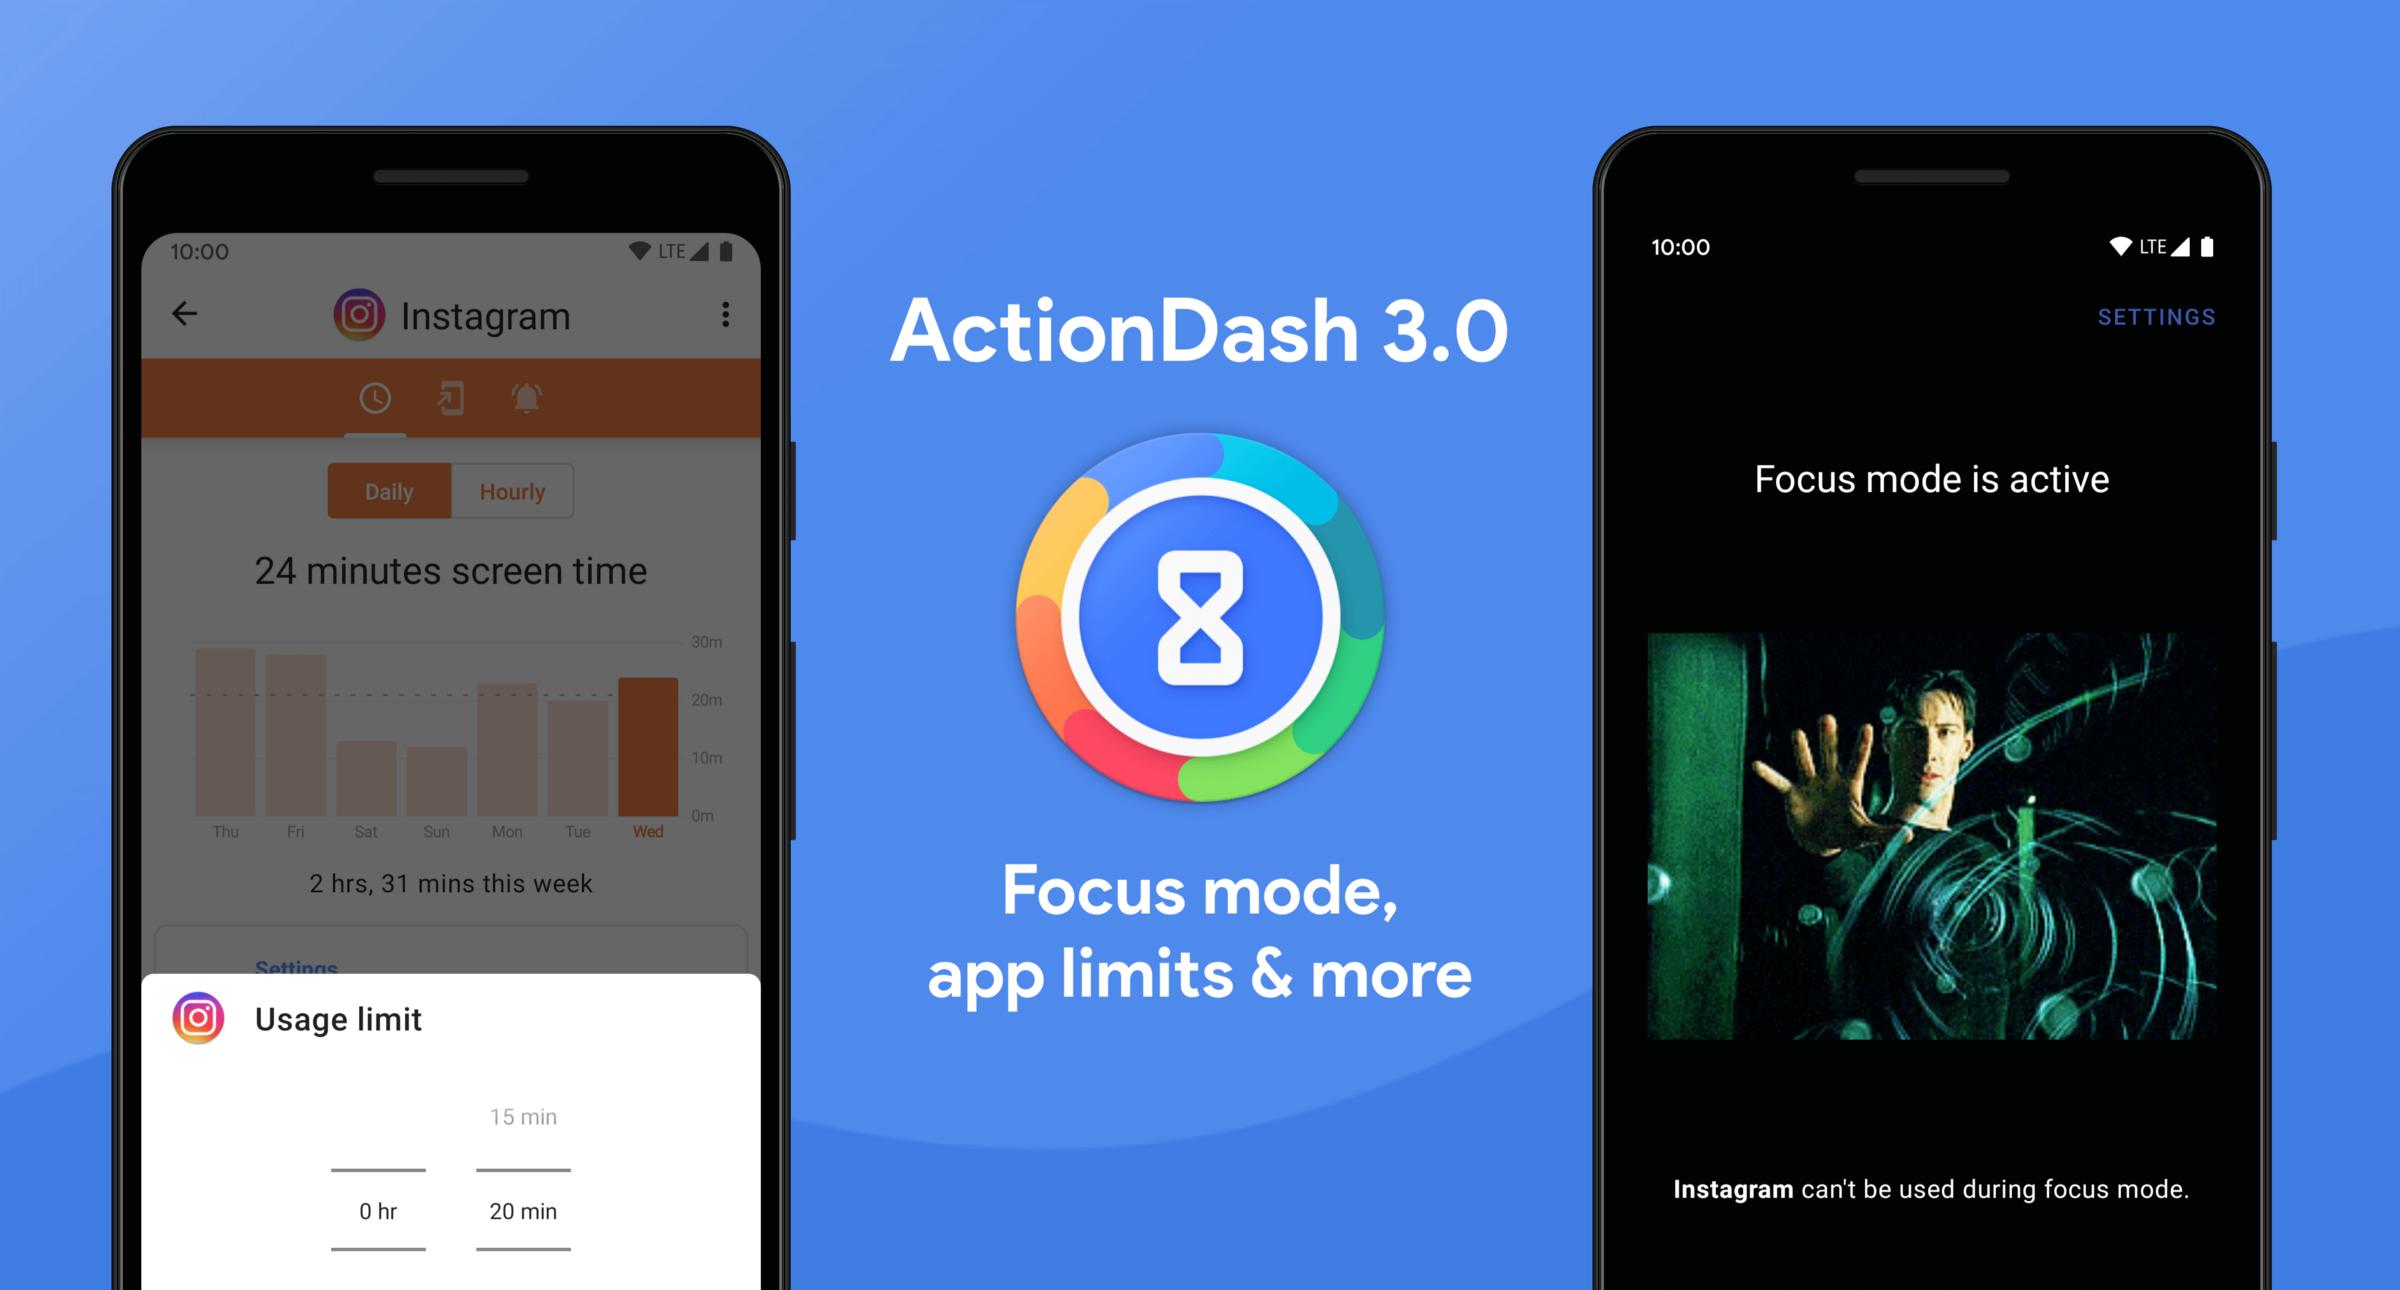 في تحديثه الأخير يتفوّق تطبيق ActionDash على أدوات العناية الرقمية من قوقل